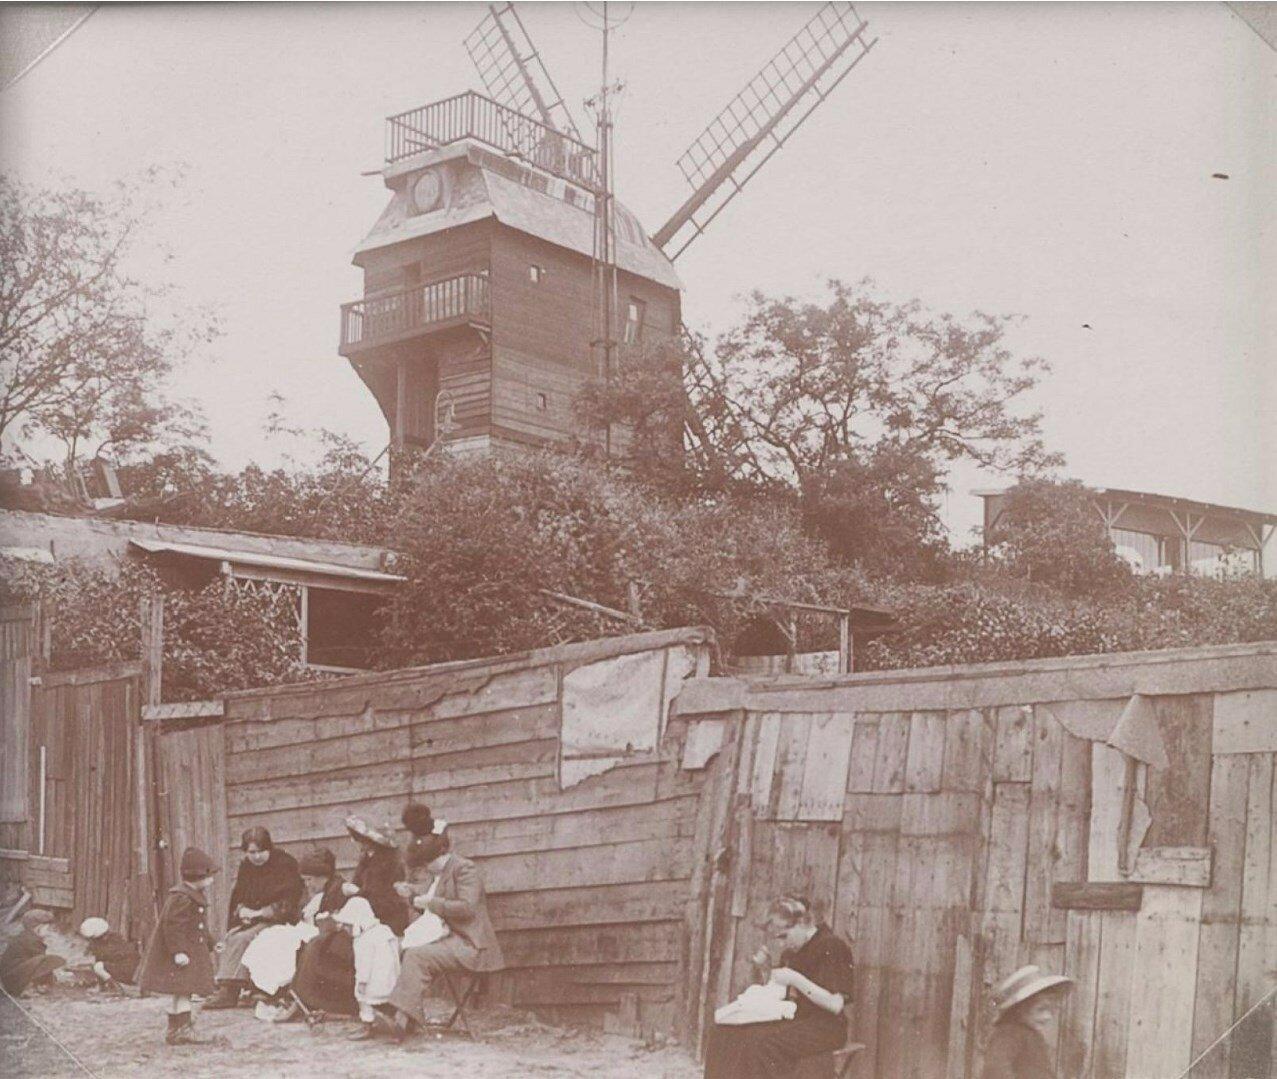 1900. Ле Мулен де ла Галетт, Монмартр